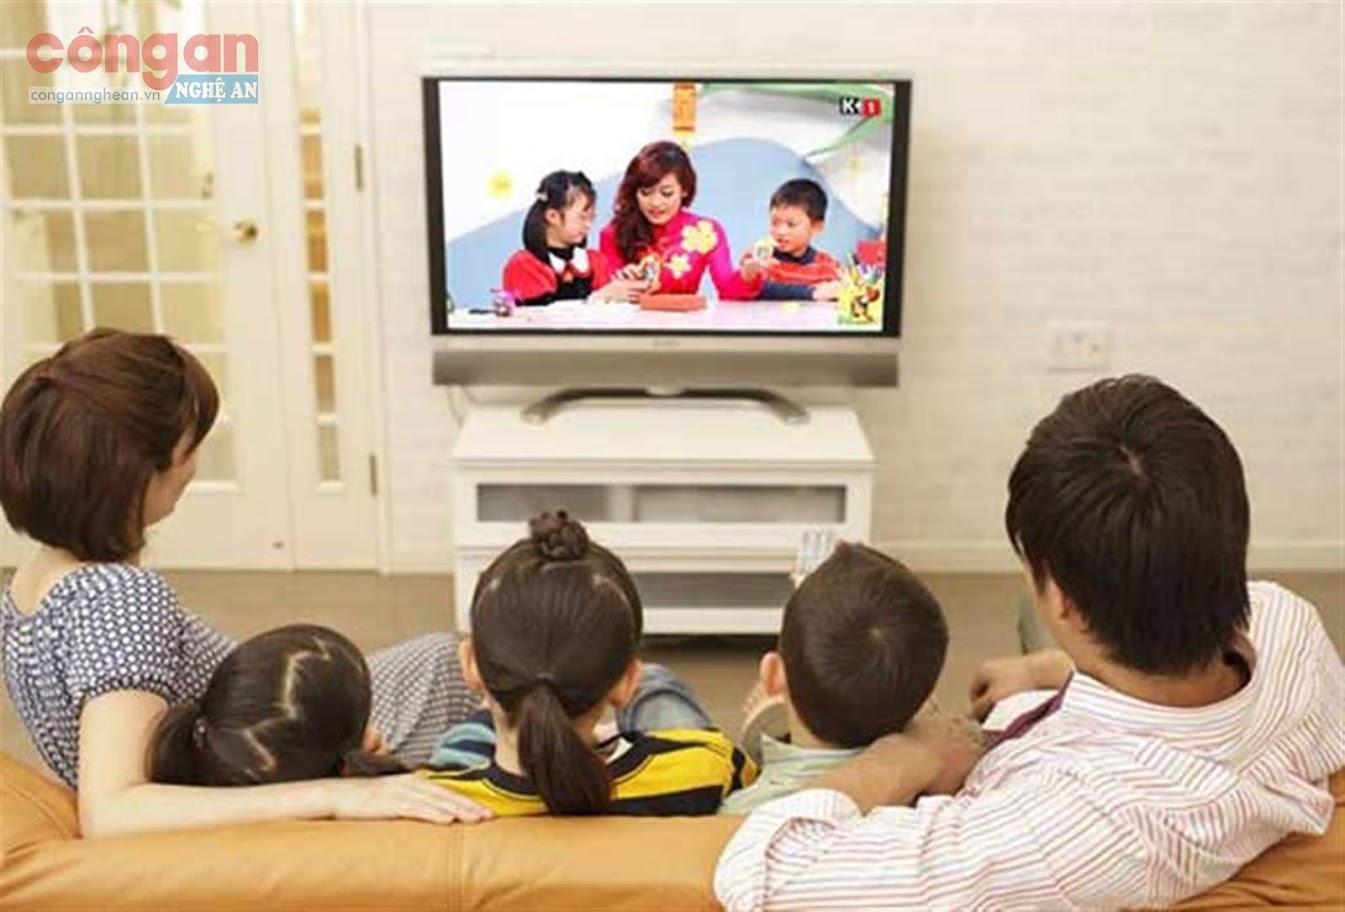 Quảng cáo trên truyền hình phải phù hợp với văn hóa Việt - Ảnh minh họa